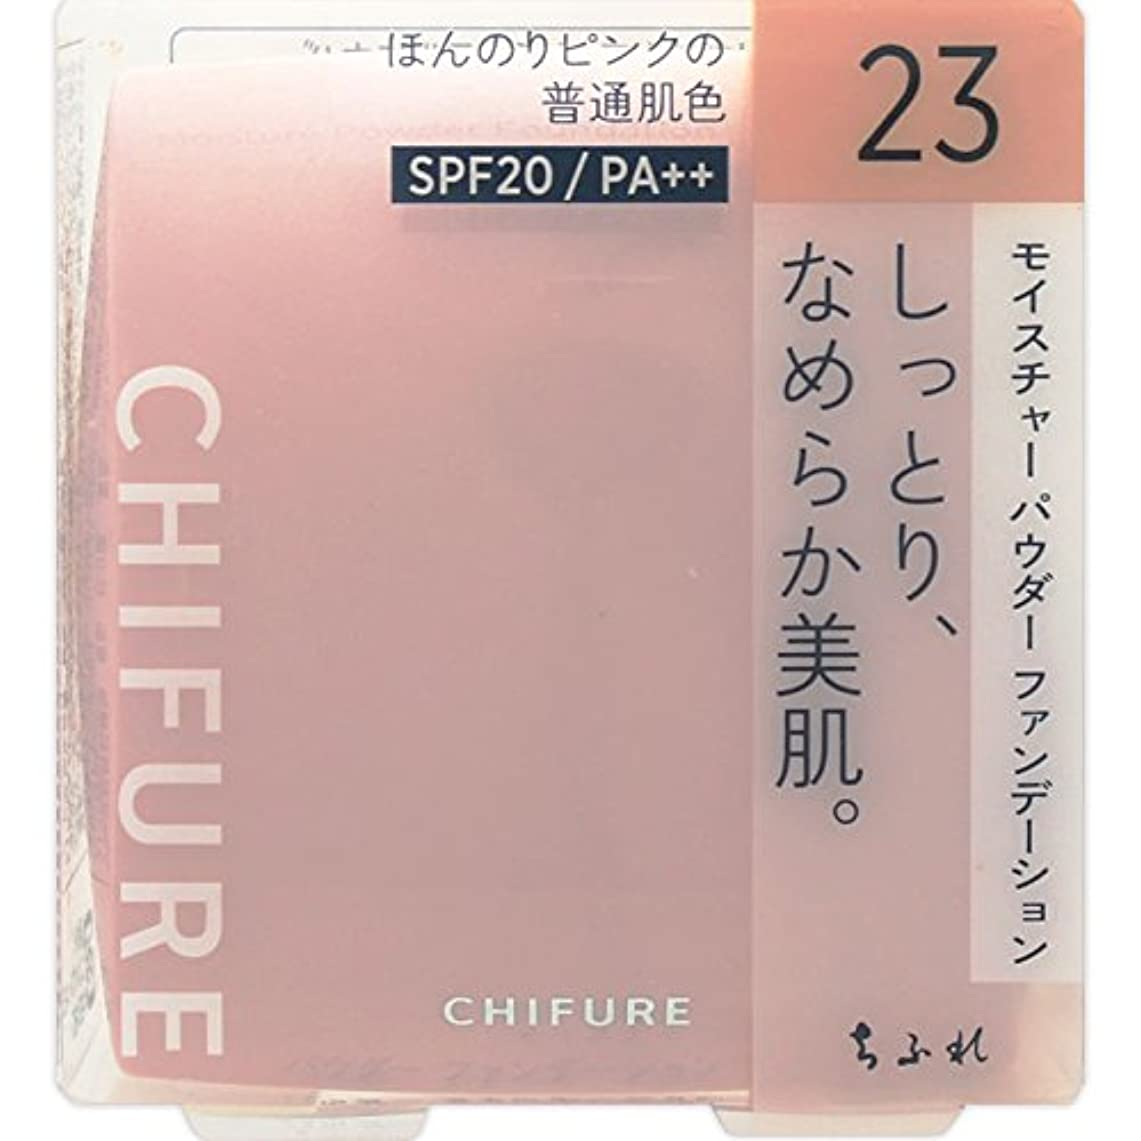 ケーブル熱望するさせるちふれ化粧品 モイスチャー パウダーファンデーション(スポンジ入り) 23 ピンクオークル系 MパウダーFD23